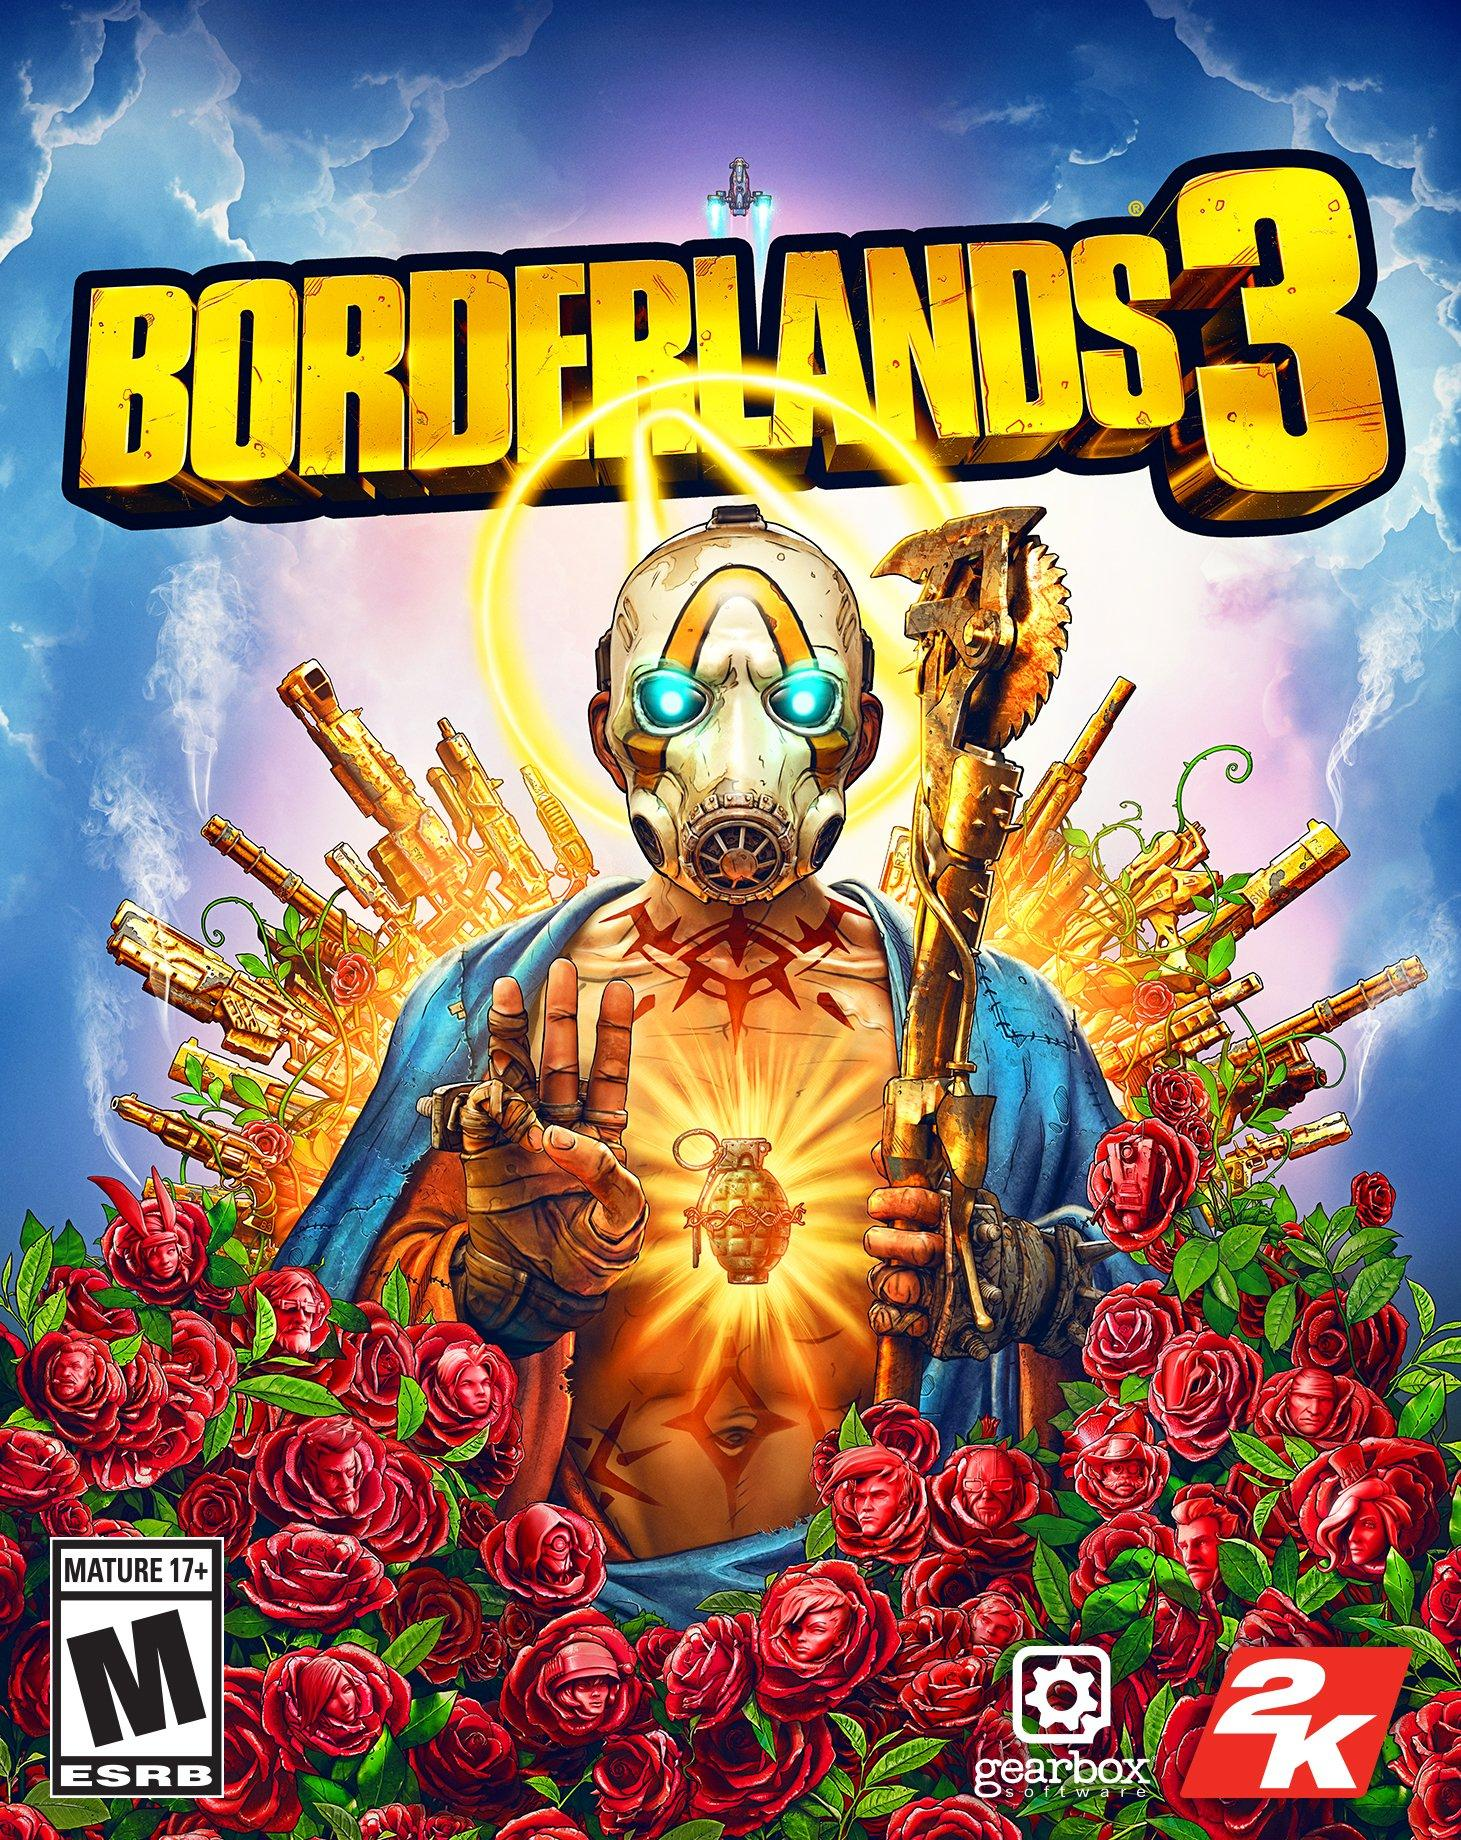 Borderlands 3 Full Crack Game [2020] Vesrion Free Download For System